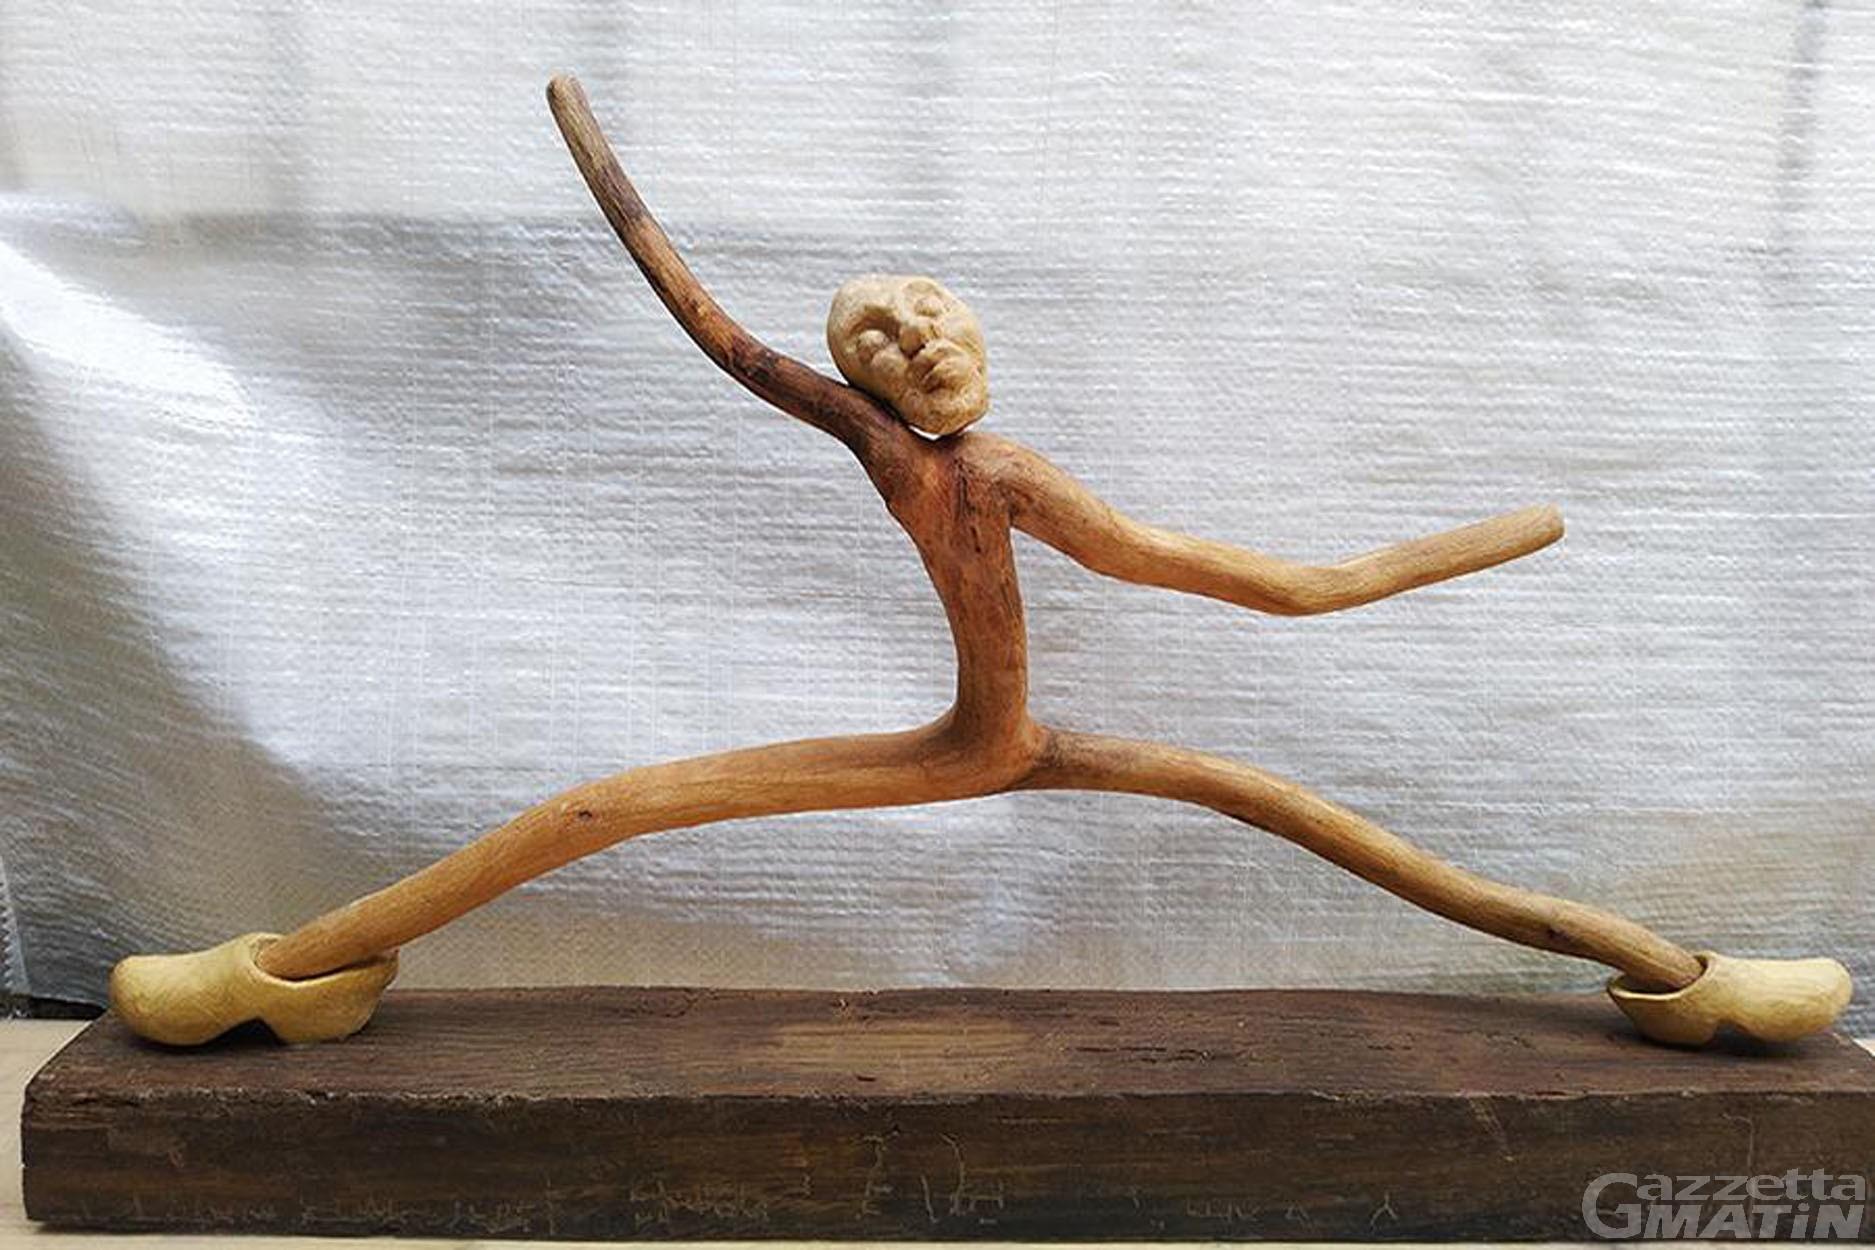 Mostre: al MAI di Gignod inaugura Pandemonio tra vita, morte e miracoli